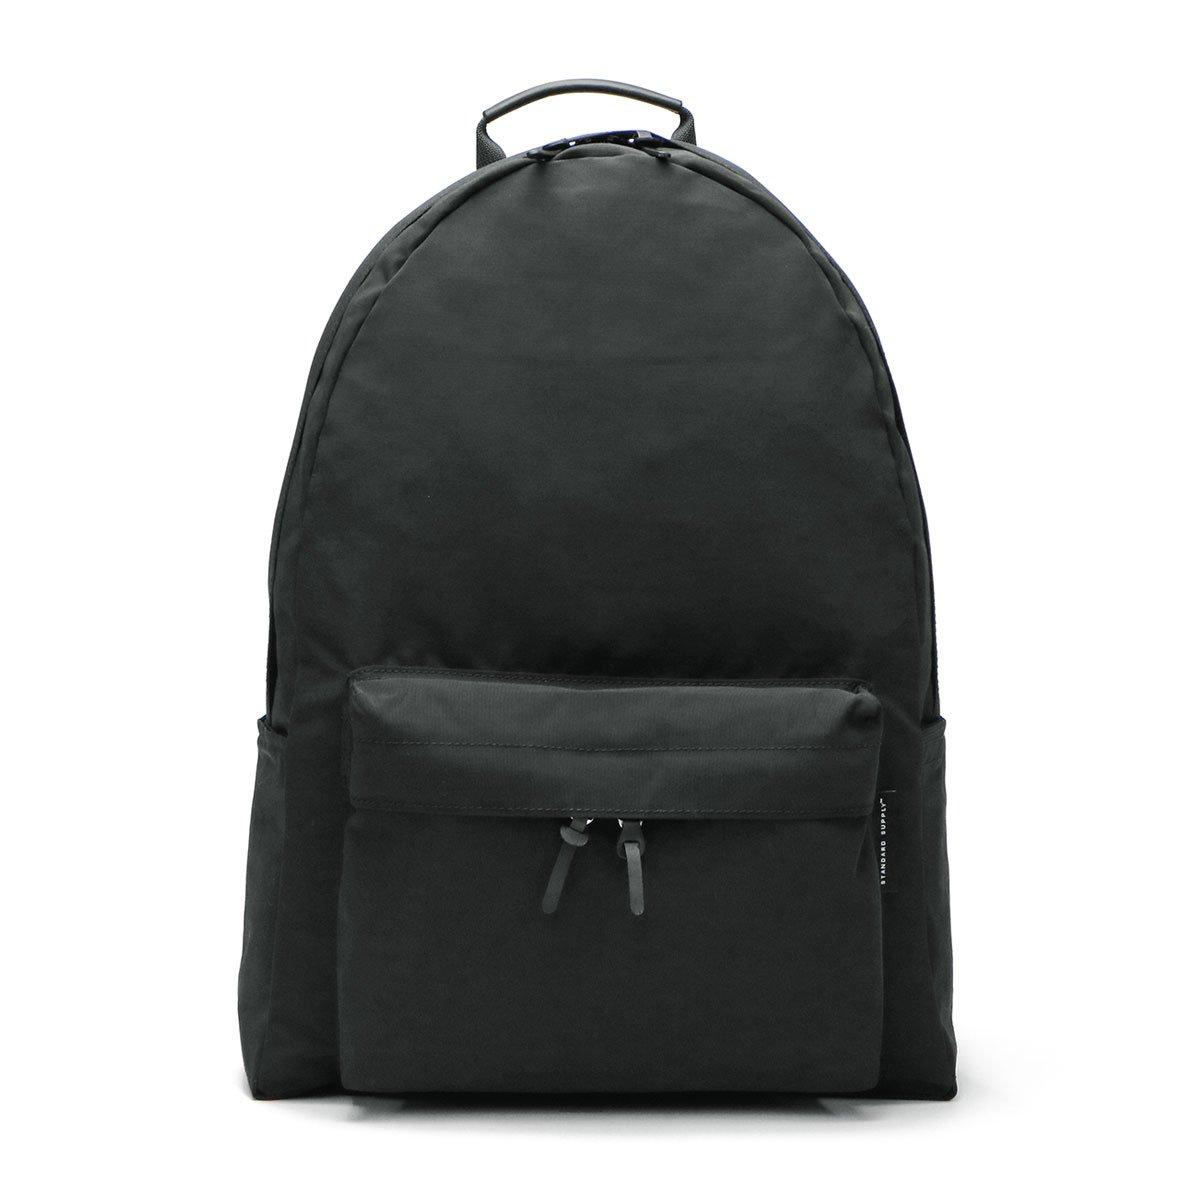 [スタンダードサプライ]STANDARD SUPPLY SIMPLICITY リュックサック DAILY DAYPACK BLACK   B07B7F1YX8